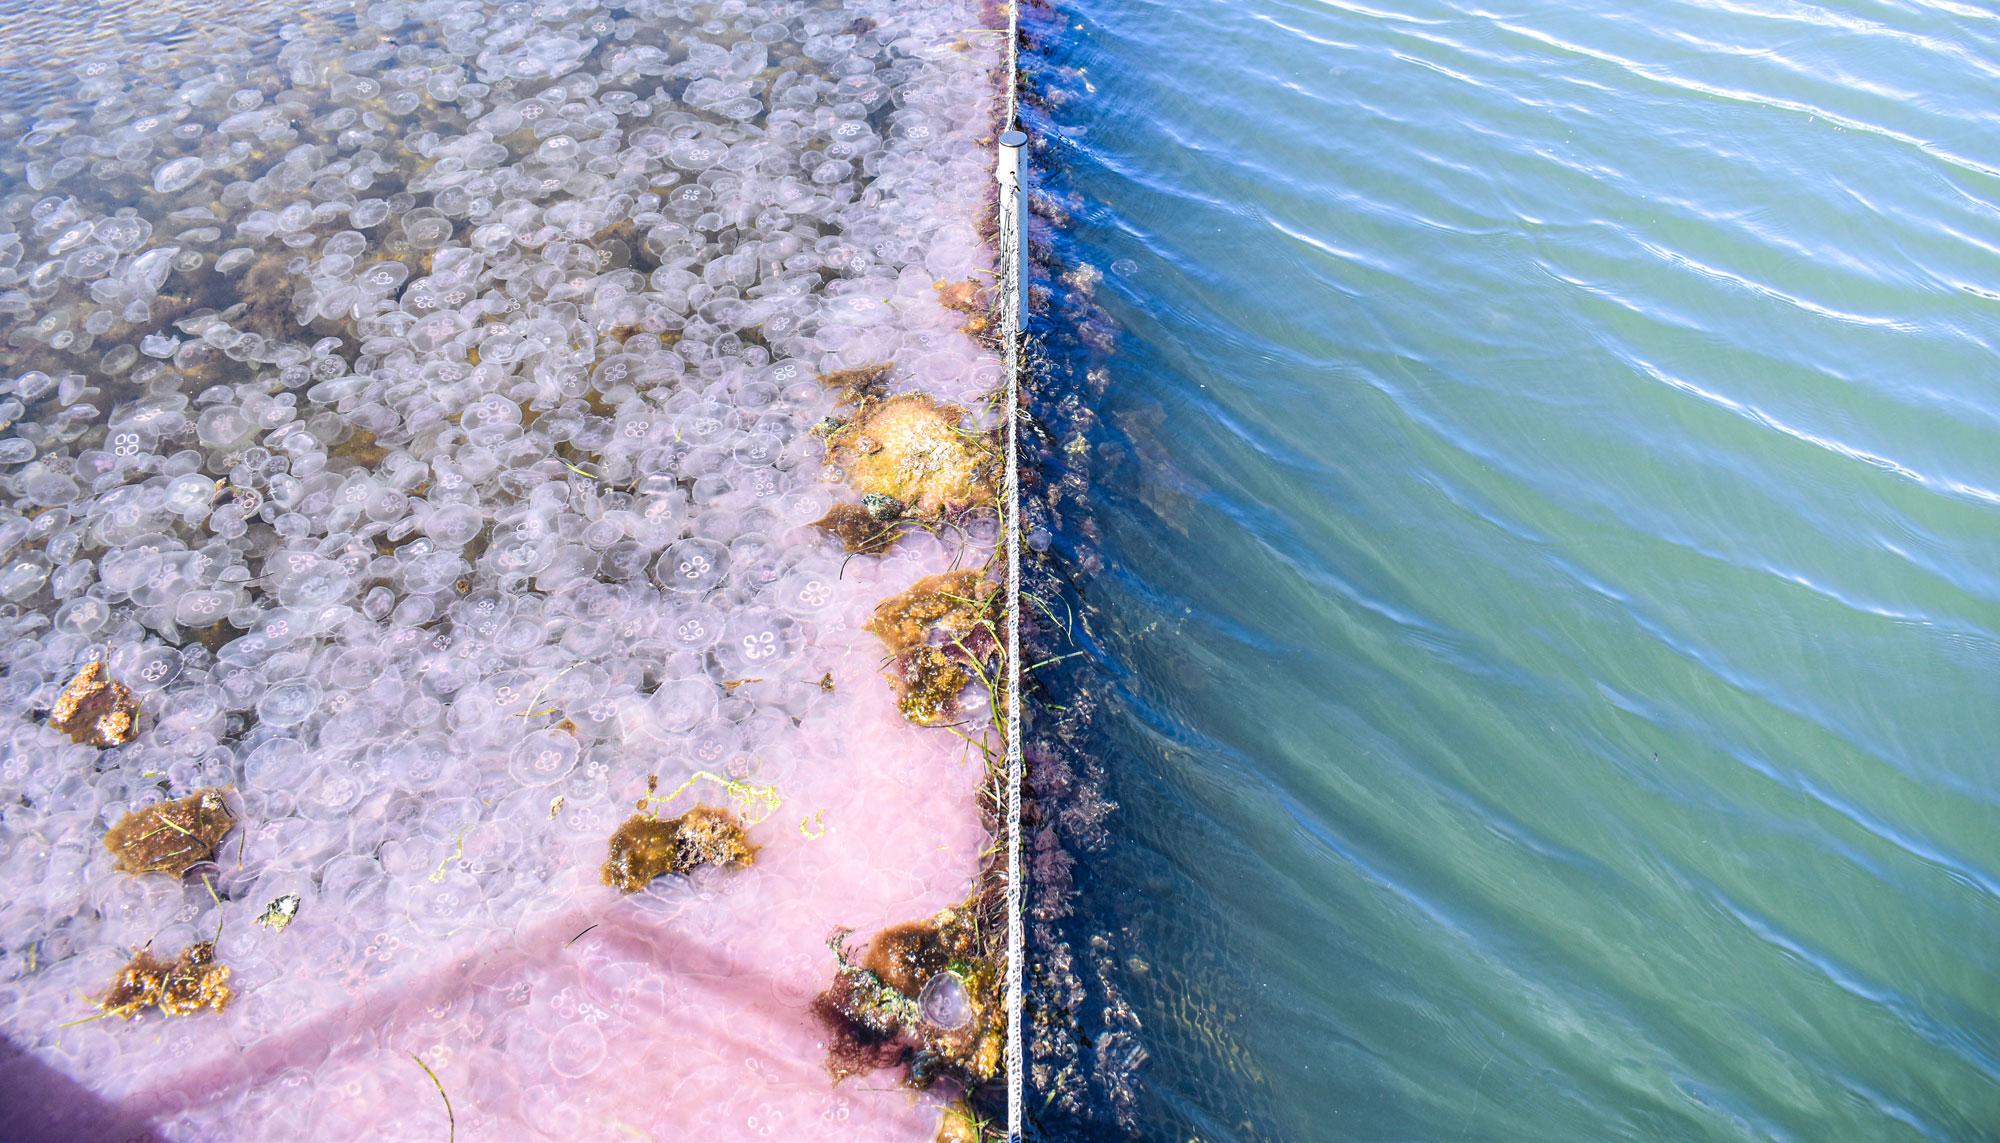 Et vanskabt problem: Derfor er der så mange vandmænd i Aalborg